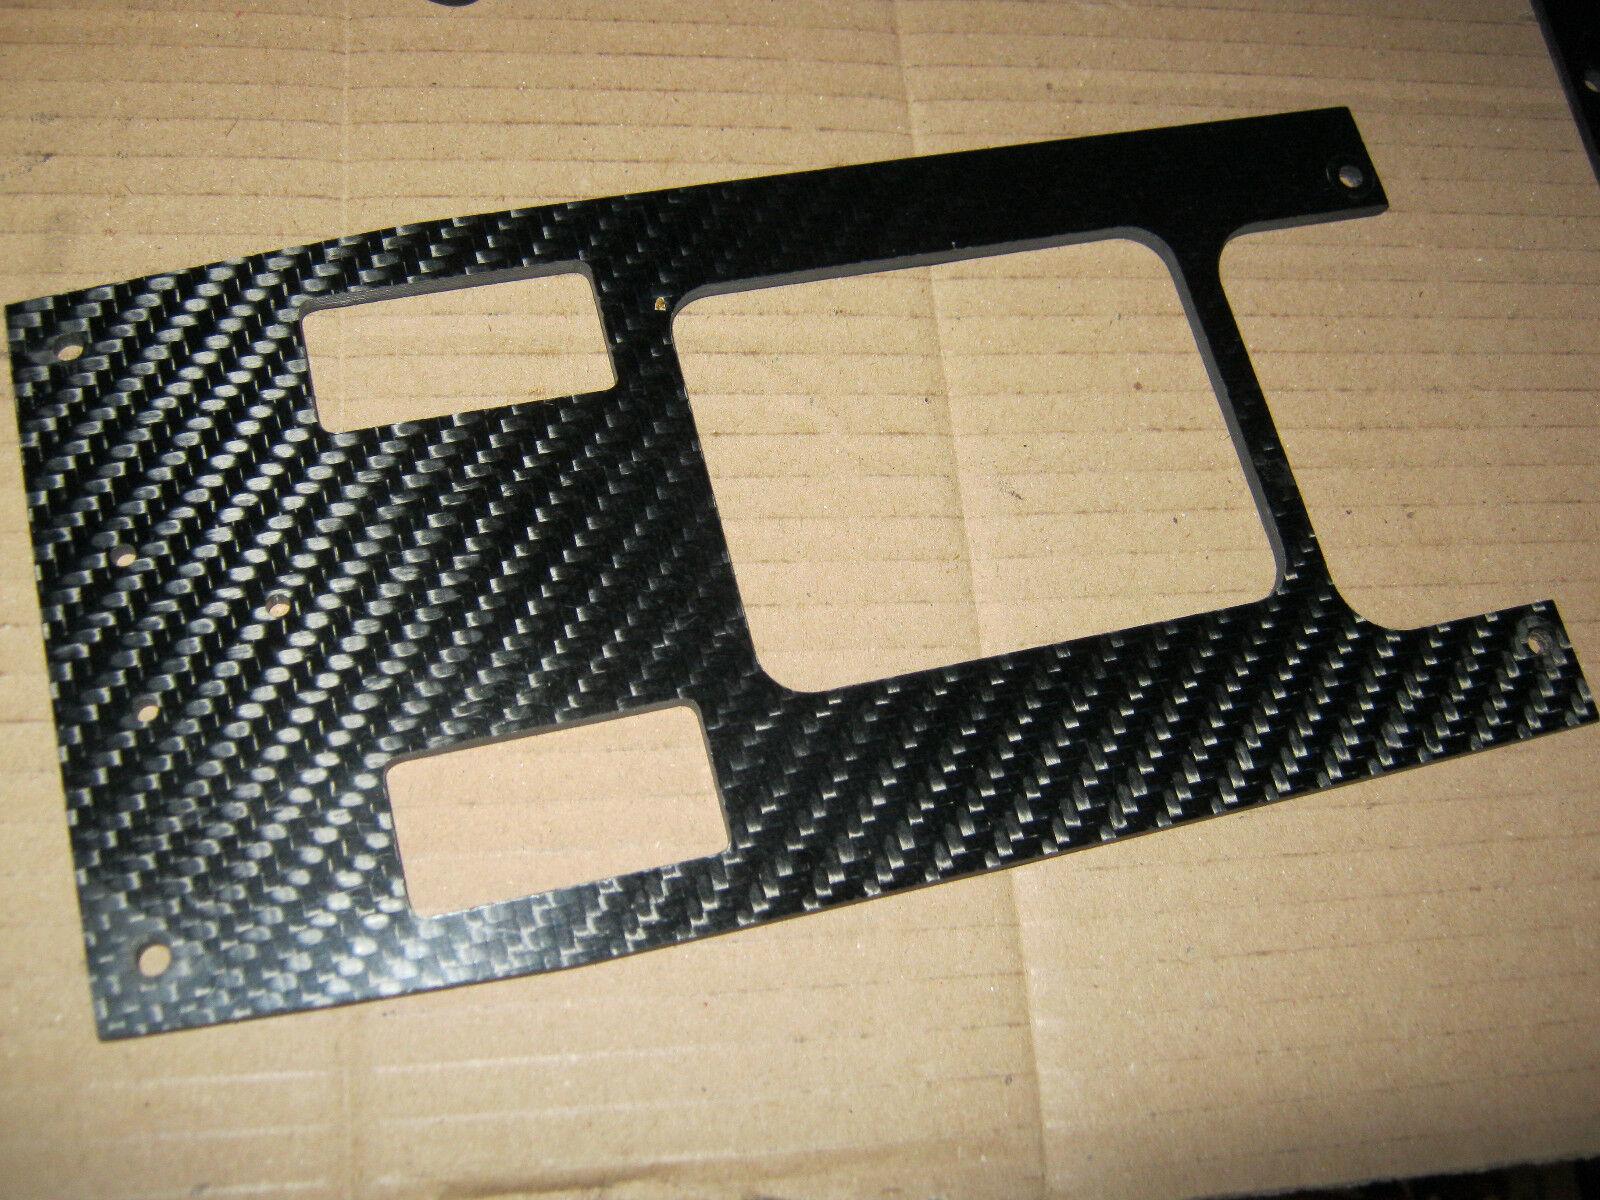 negozio online Rs5 formula 1 1 1 f1 autoBON ponte superiore gree serbatoio nuovo 12021 RS 5 1 5 chassis Fibra autobone  design semplice e generoso